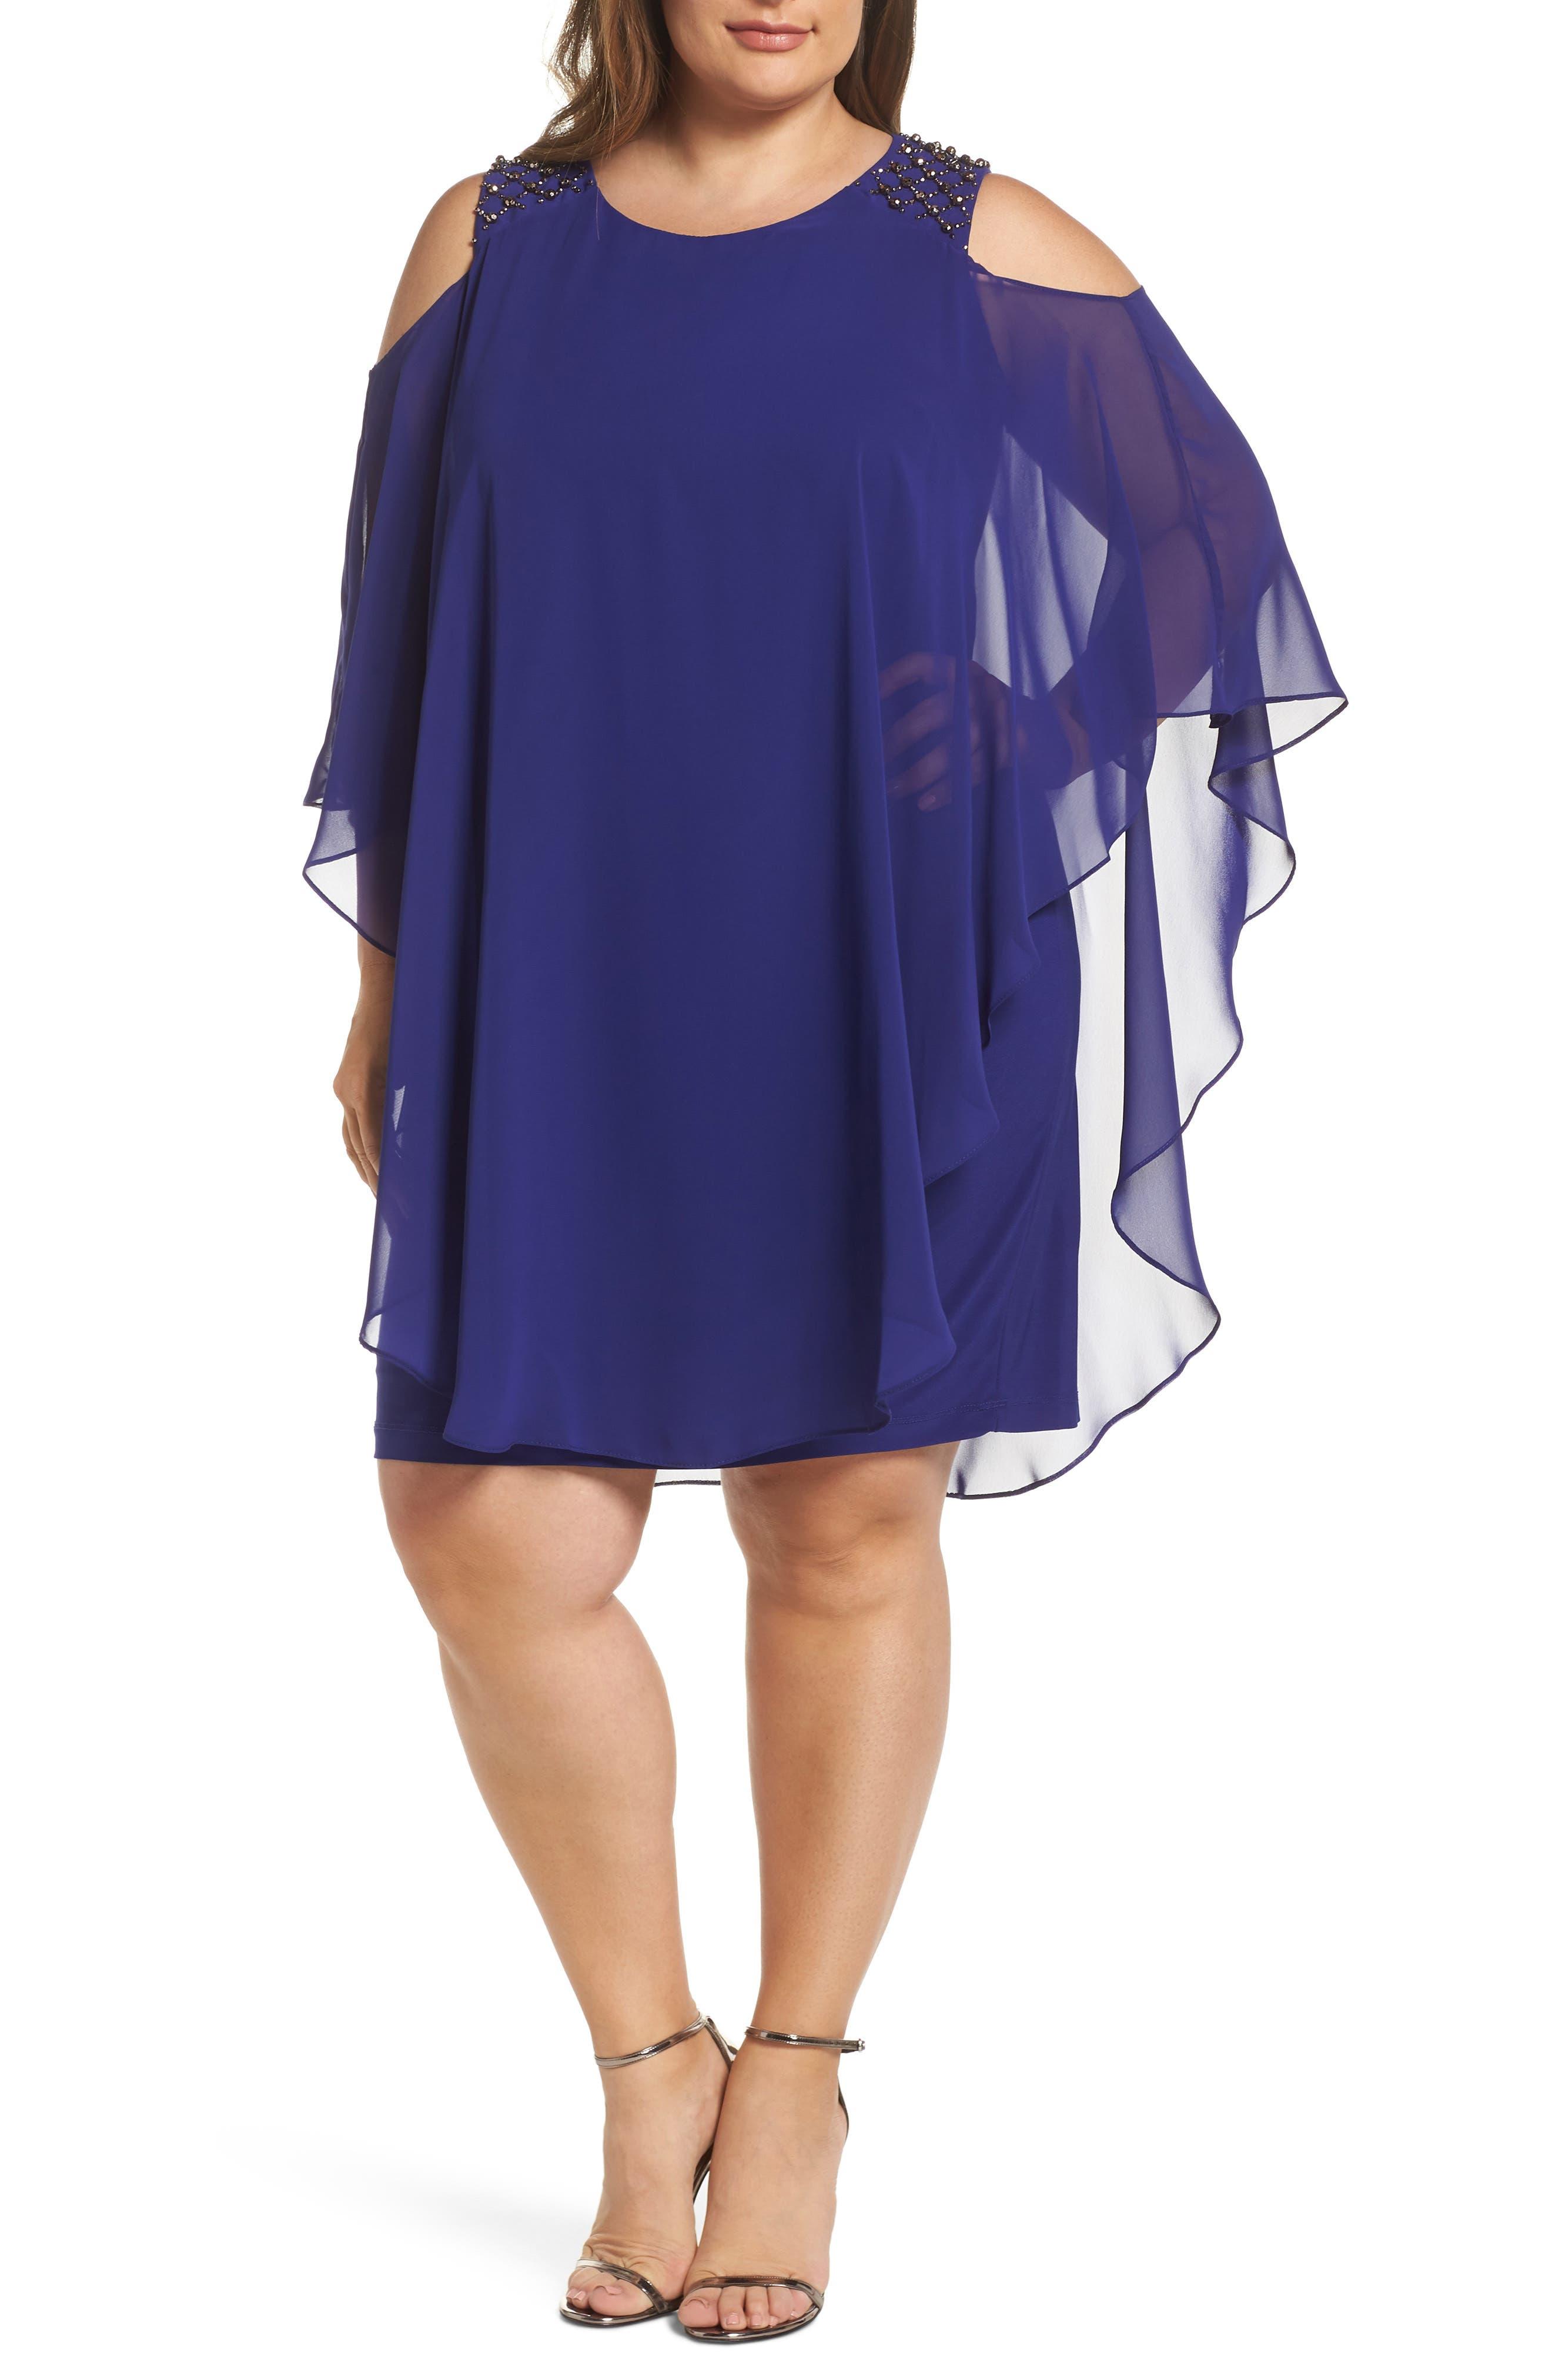 Plus Size Xscape Cold Shoulder Chiffon Overlay Cocktail Shift Dress, Blue